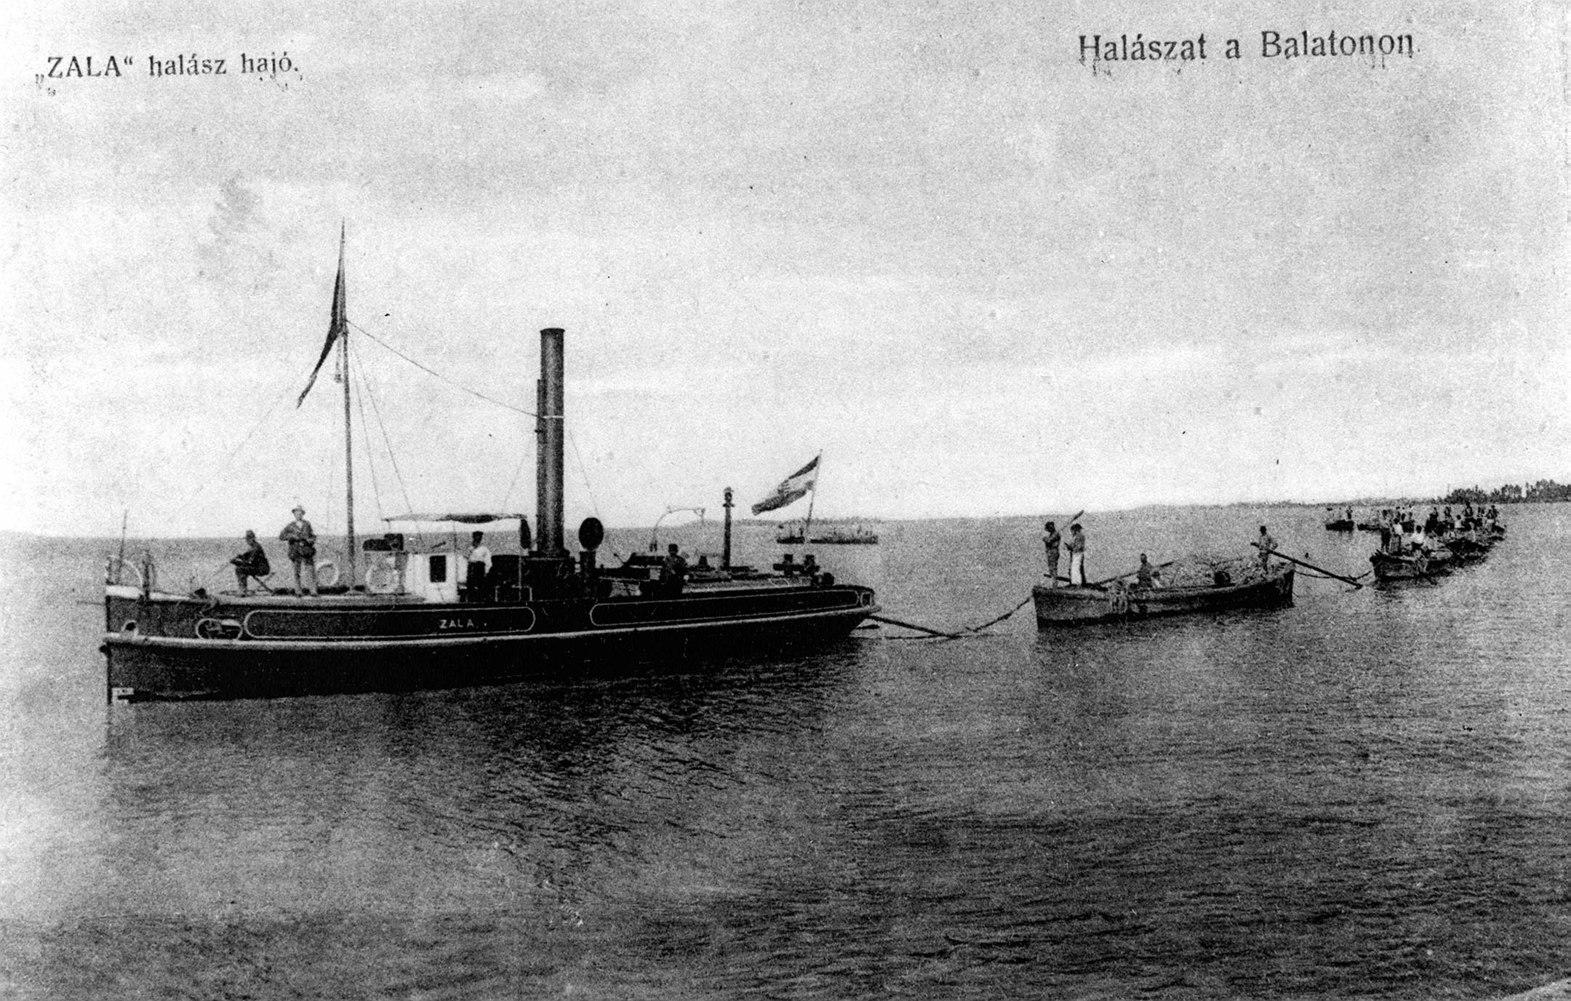 Budapest, 1987. január 18. Pesten 1846 áprilisában Széchenyi István elnökletével megalakult a Balaton Gőzhajózási Társaság, melynek alapszabály-tervezetét Kossuth írta. Az első balatoni gőzhajót szeptember 21-én - Széchenyi 55. születésnapján -  bocsátották vízre. A képen: a Zala halászhajó 1907-ben. MTI Fotó